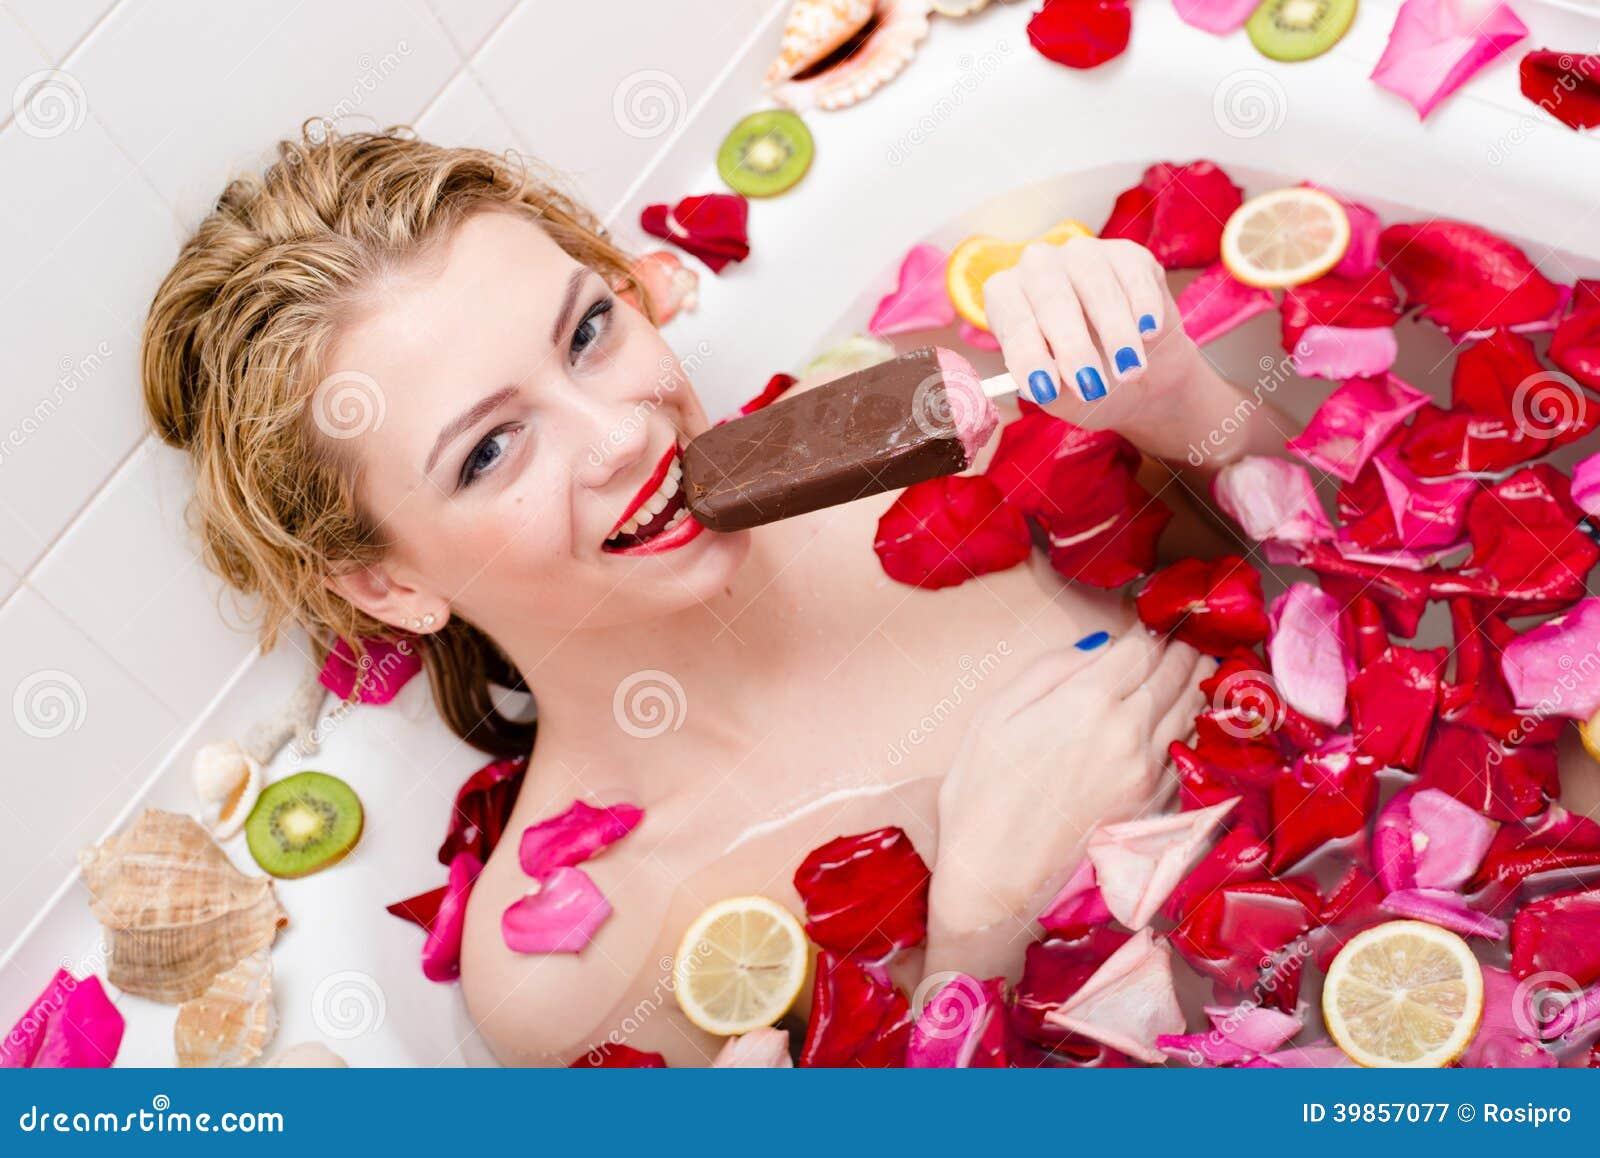 Gelato in stazione termale: la bella giovane donna di tentazione che mangia il gelato nel bagno con i petali rosa e la frutta aff